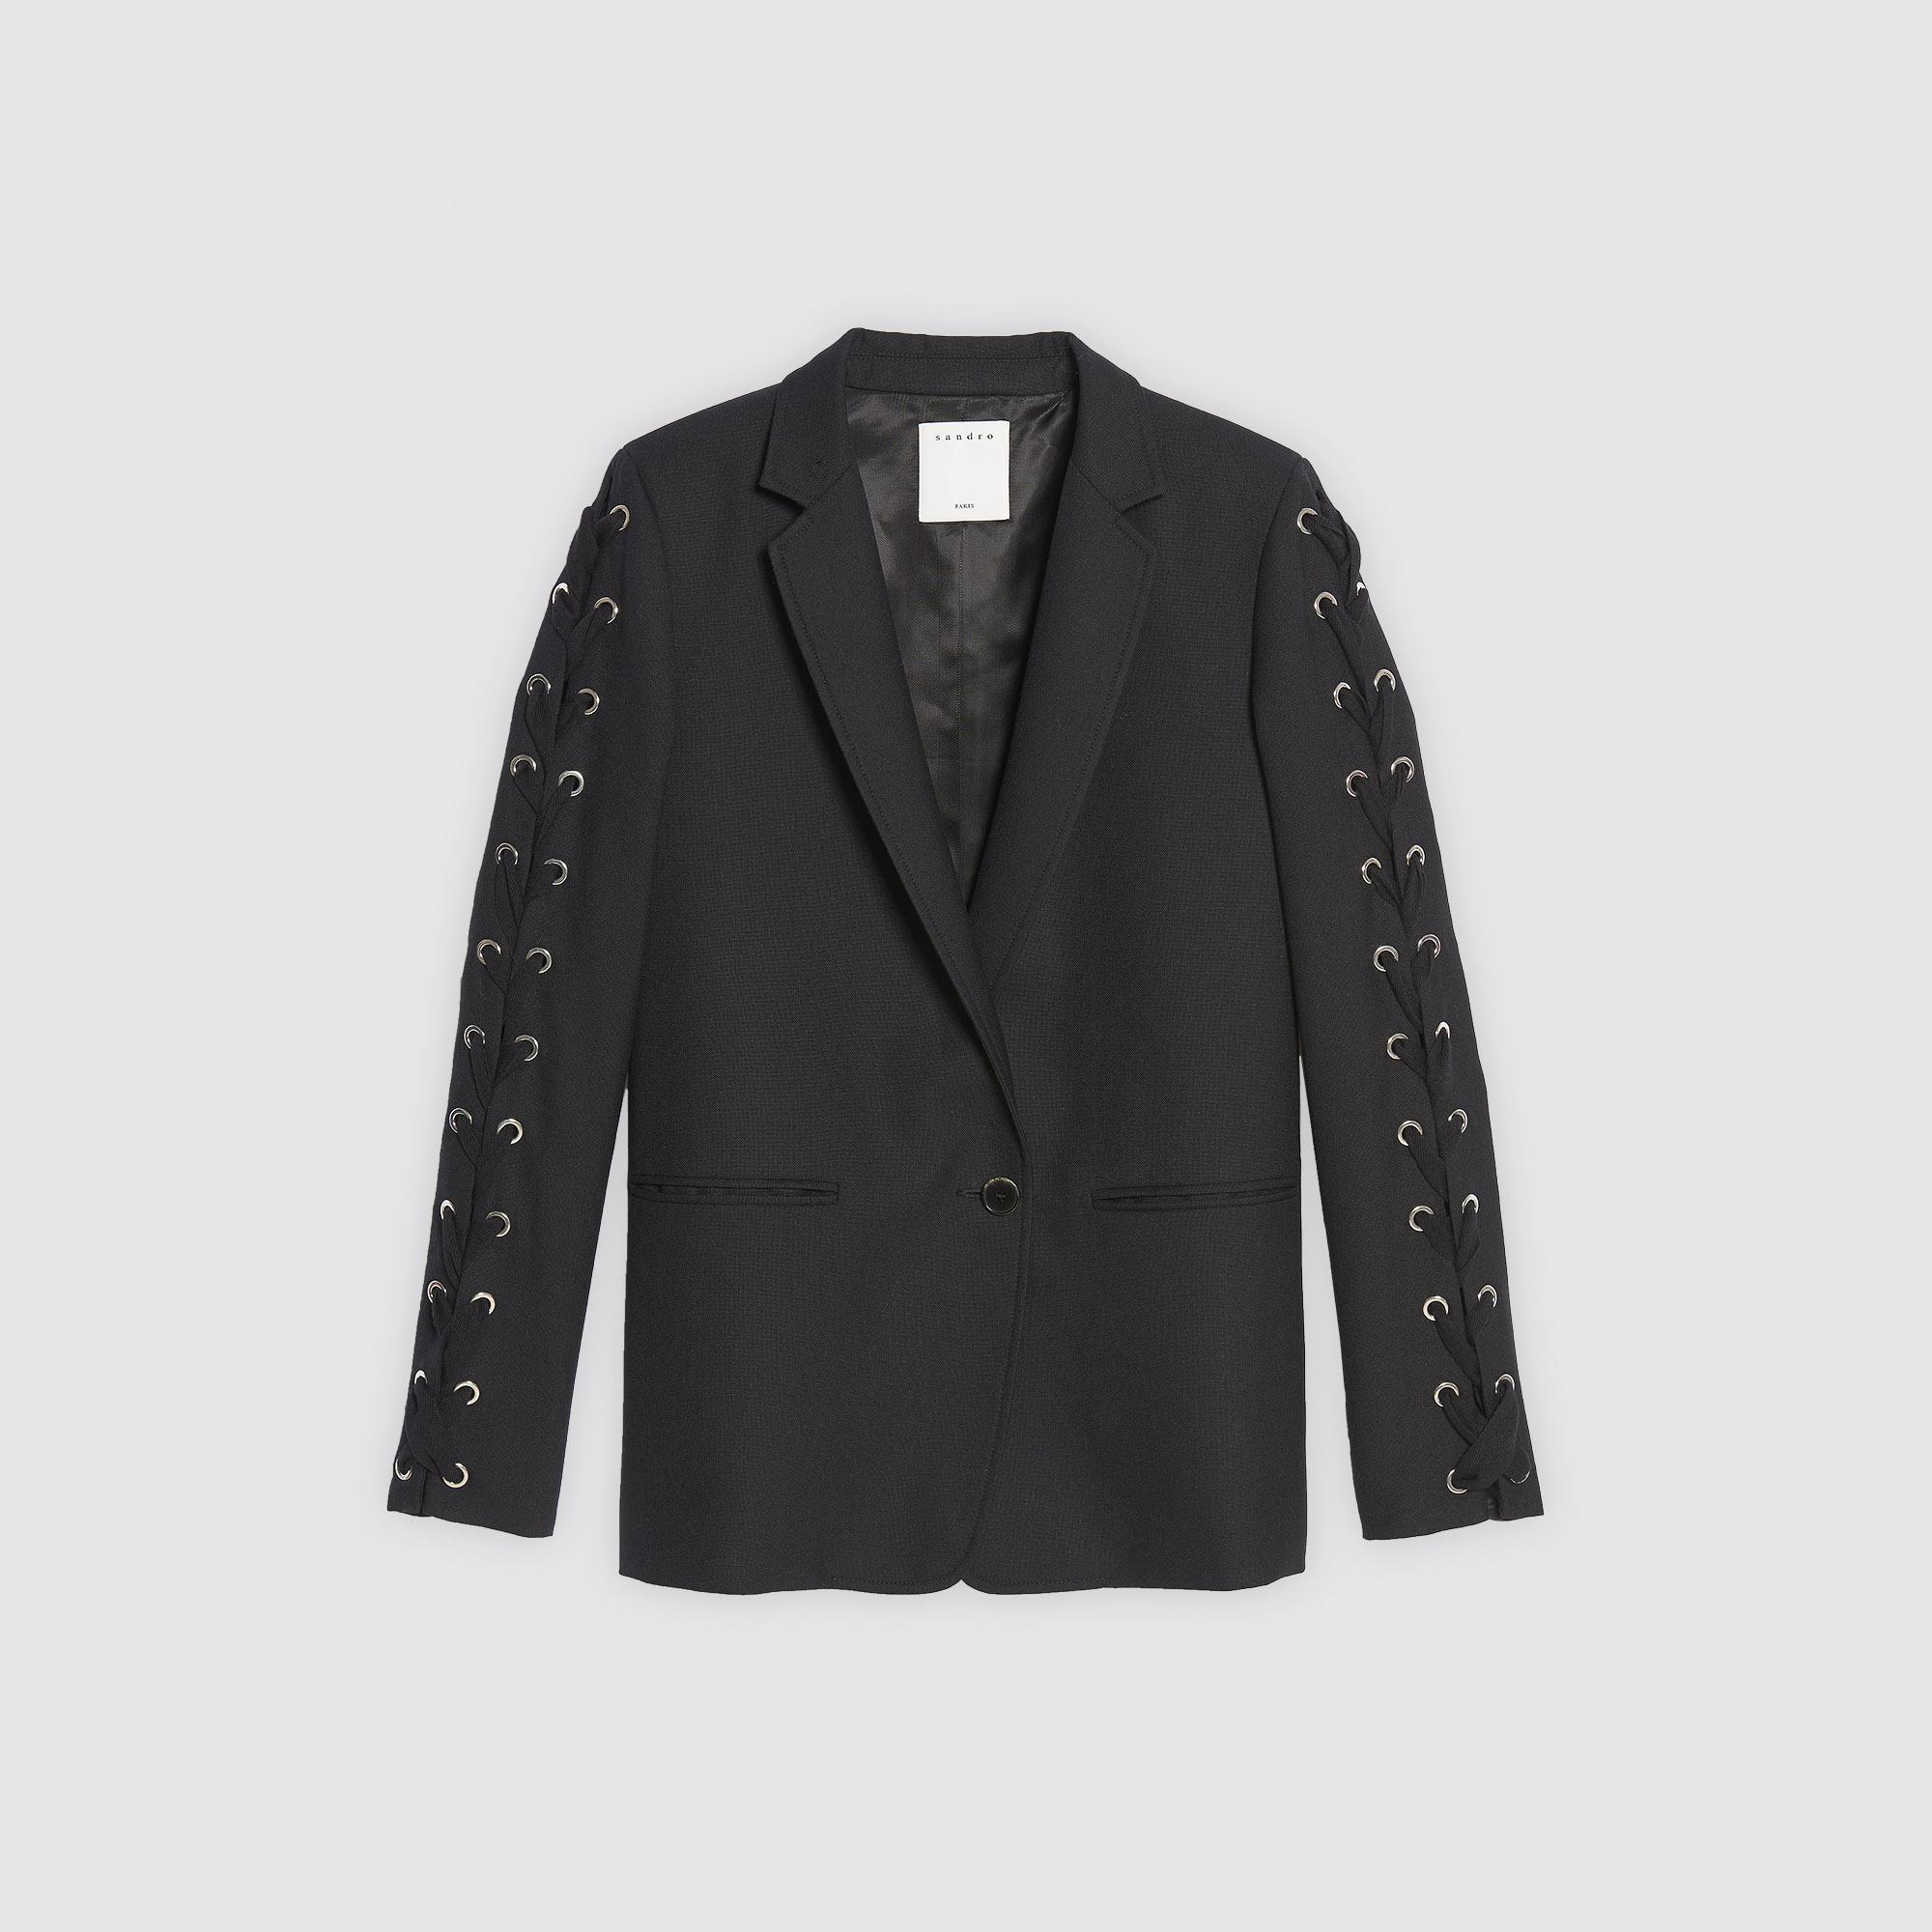 Giacca tailleur con lacci sulle maniche : Collezione Estiva colore Nero